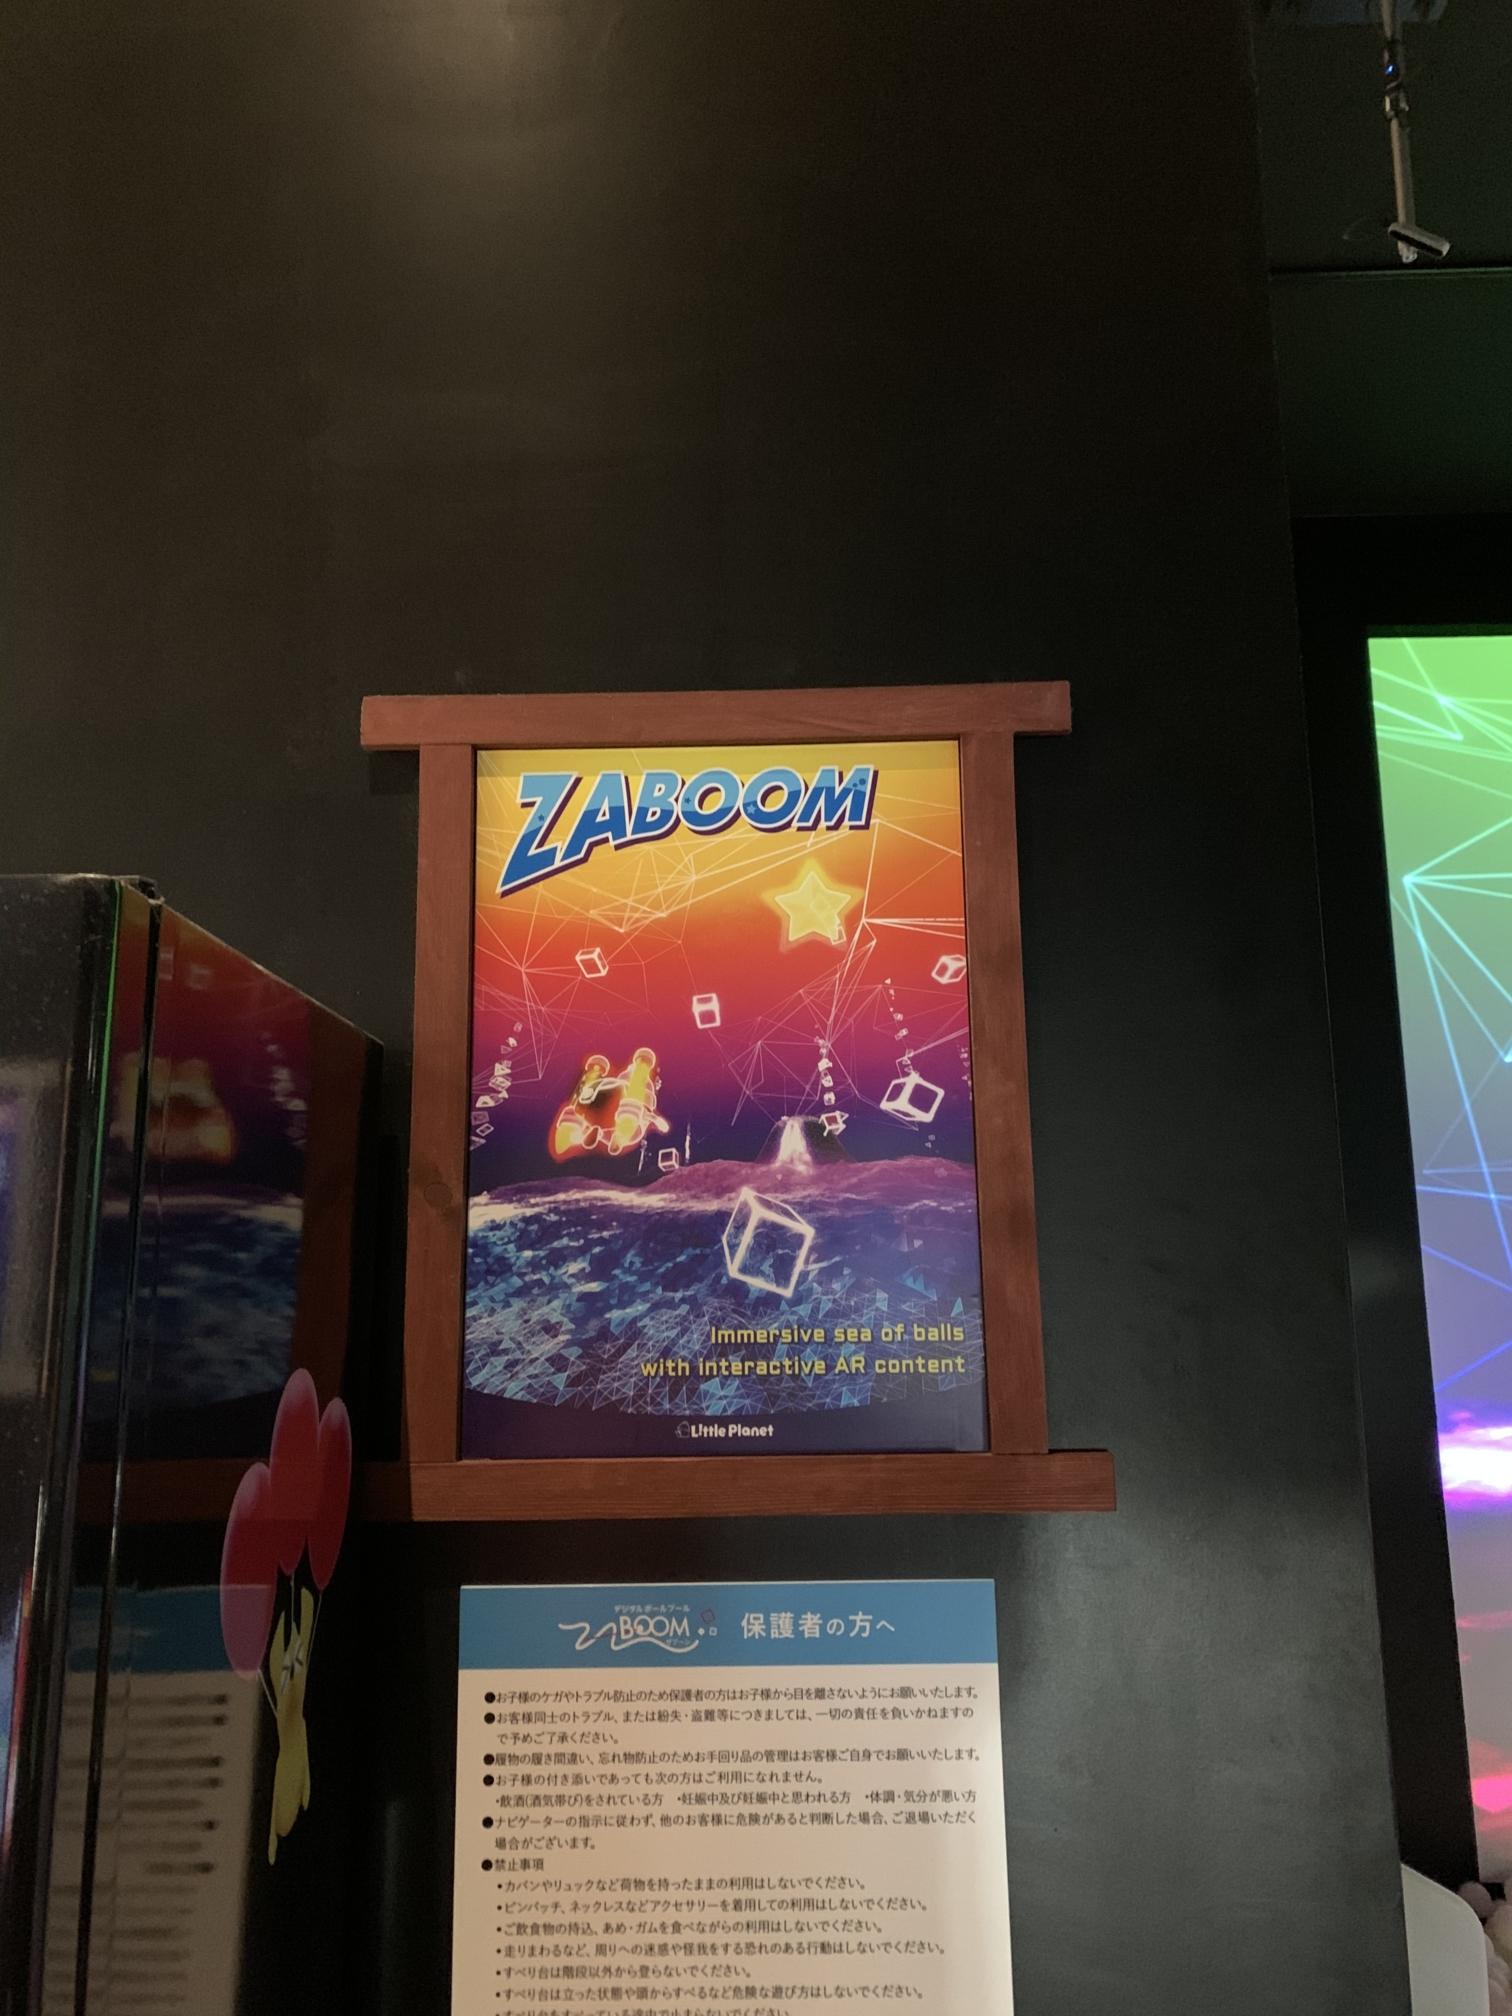 【ららぽーと横浜】リトルプラネットのデジタルボールプール【ZABOOM】